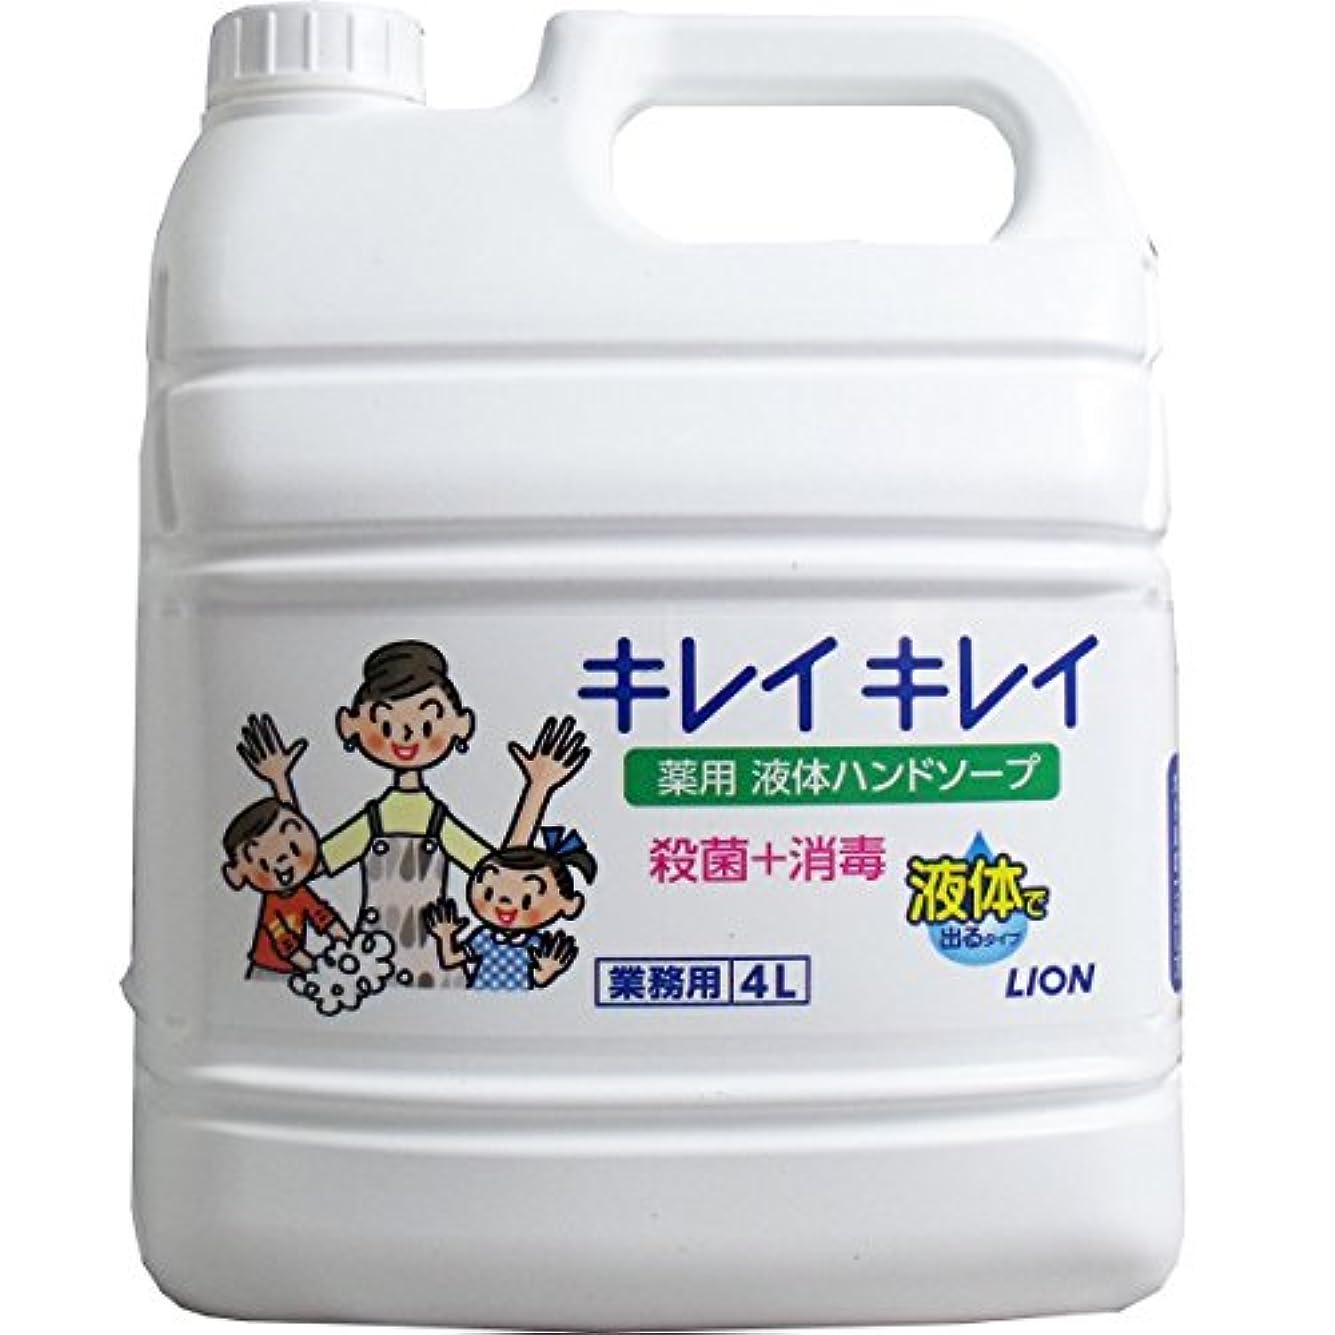 八百屋さん洪水違反するライオン 業務用 キレイキレイ 薬用ハンドソープ 4LX3本